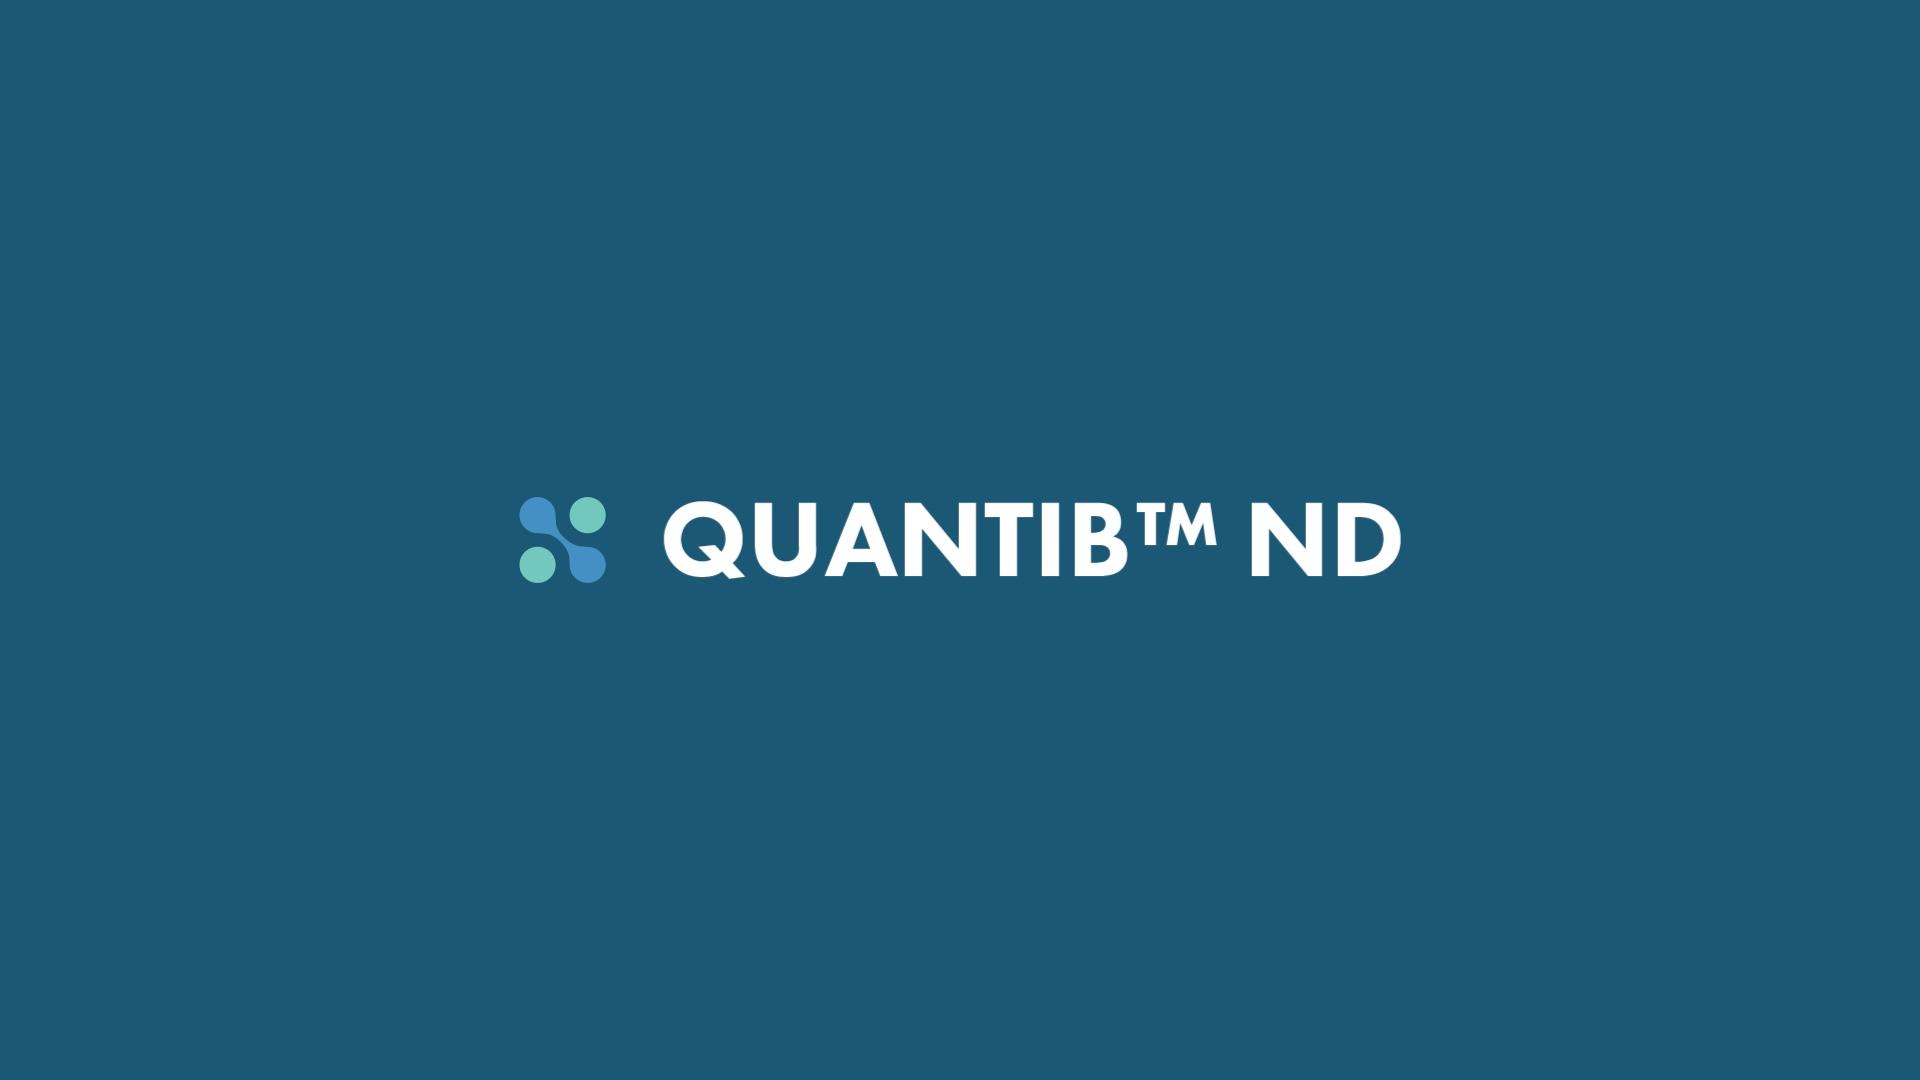 Quantib_final